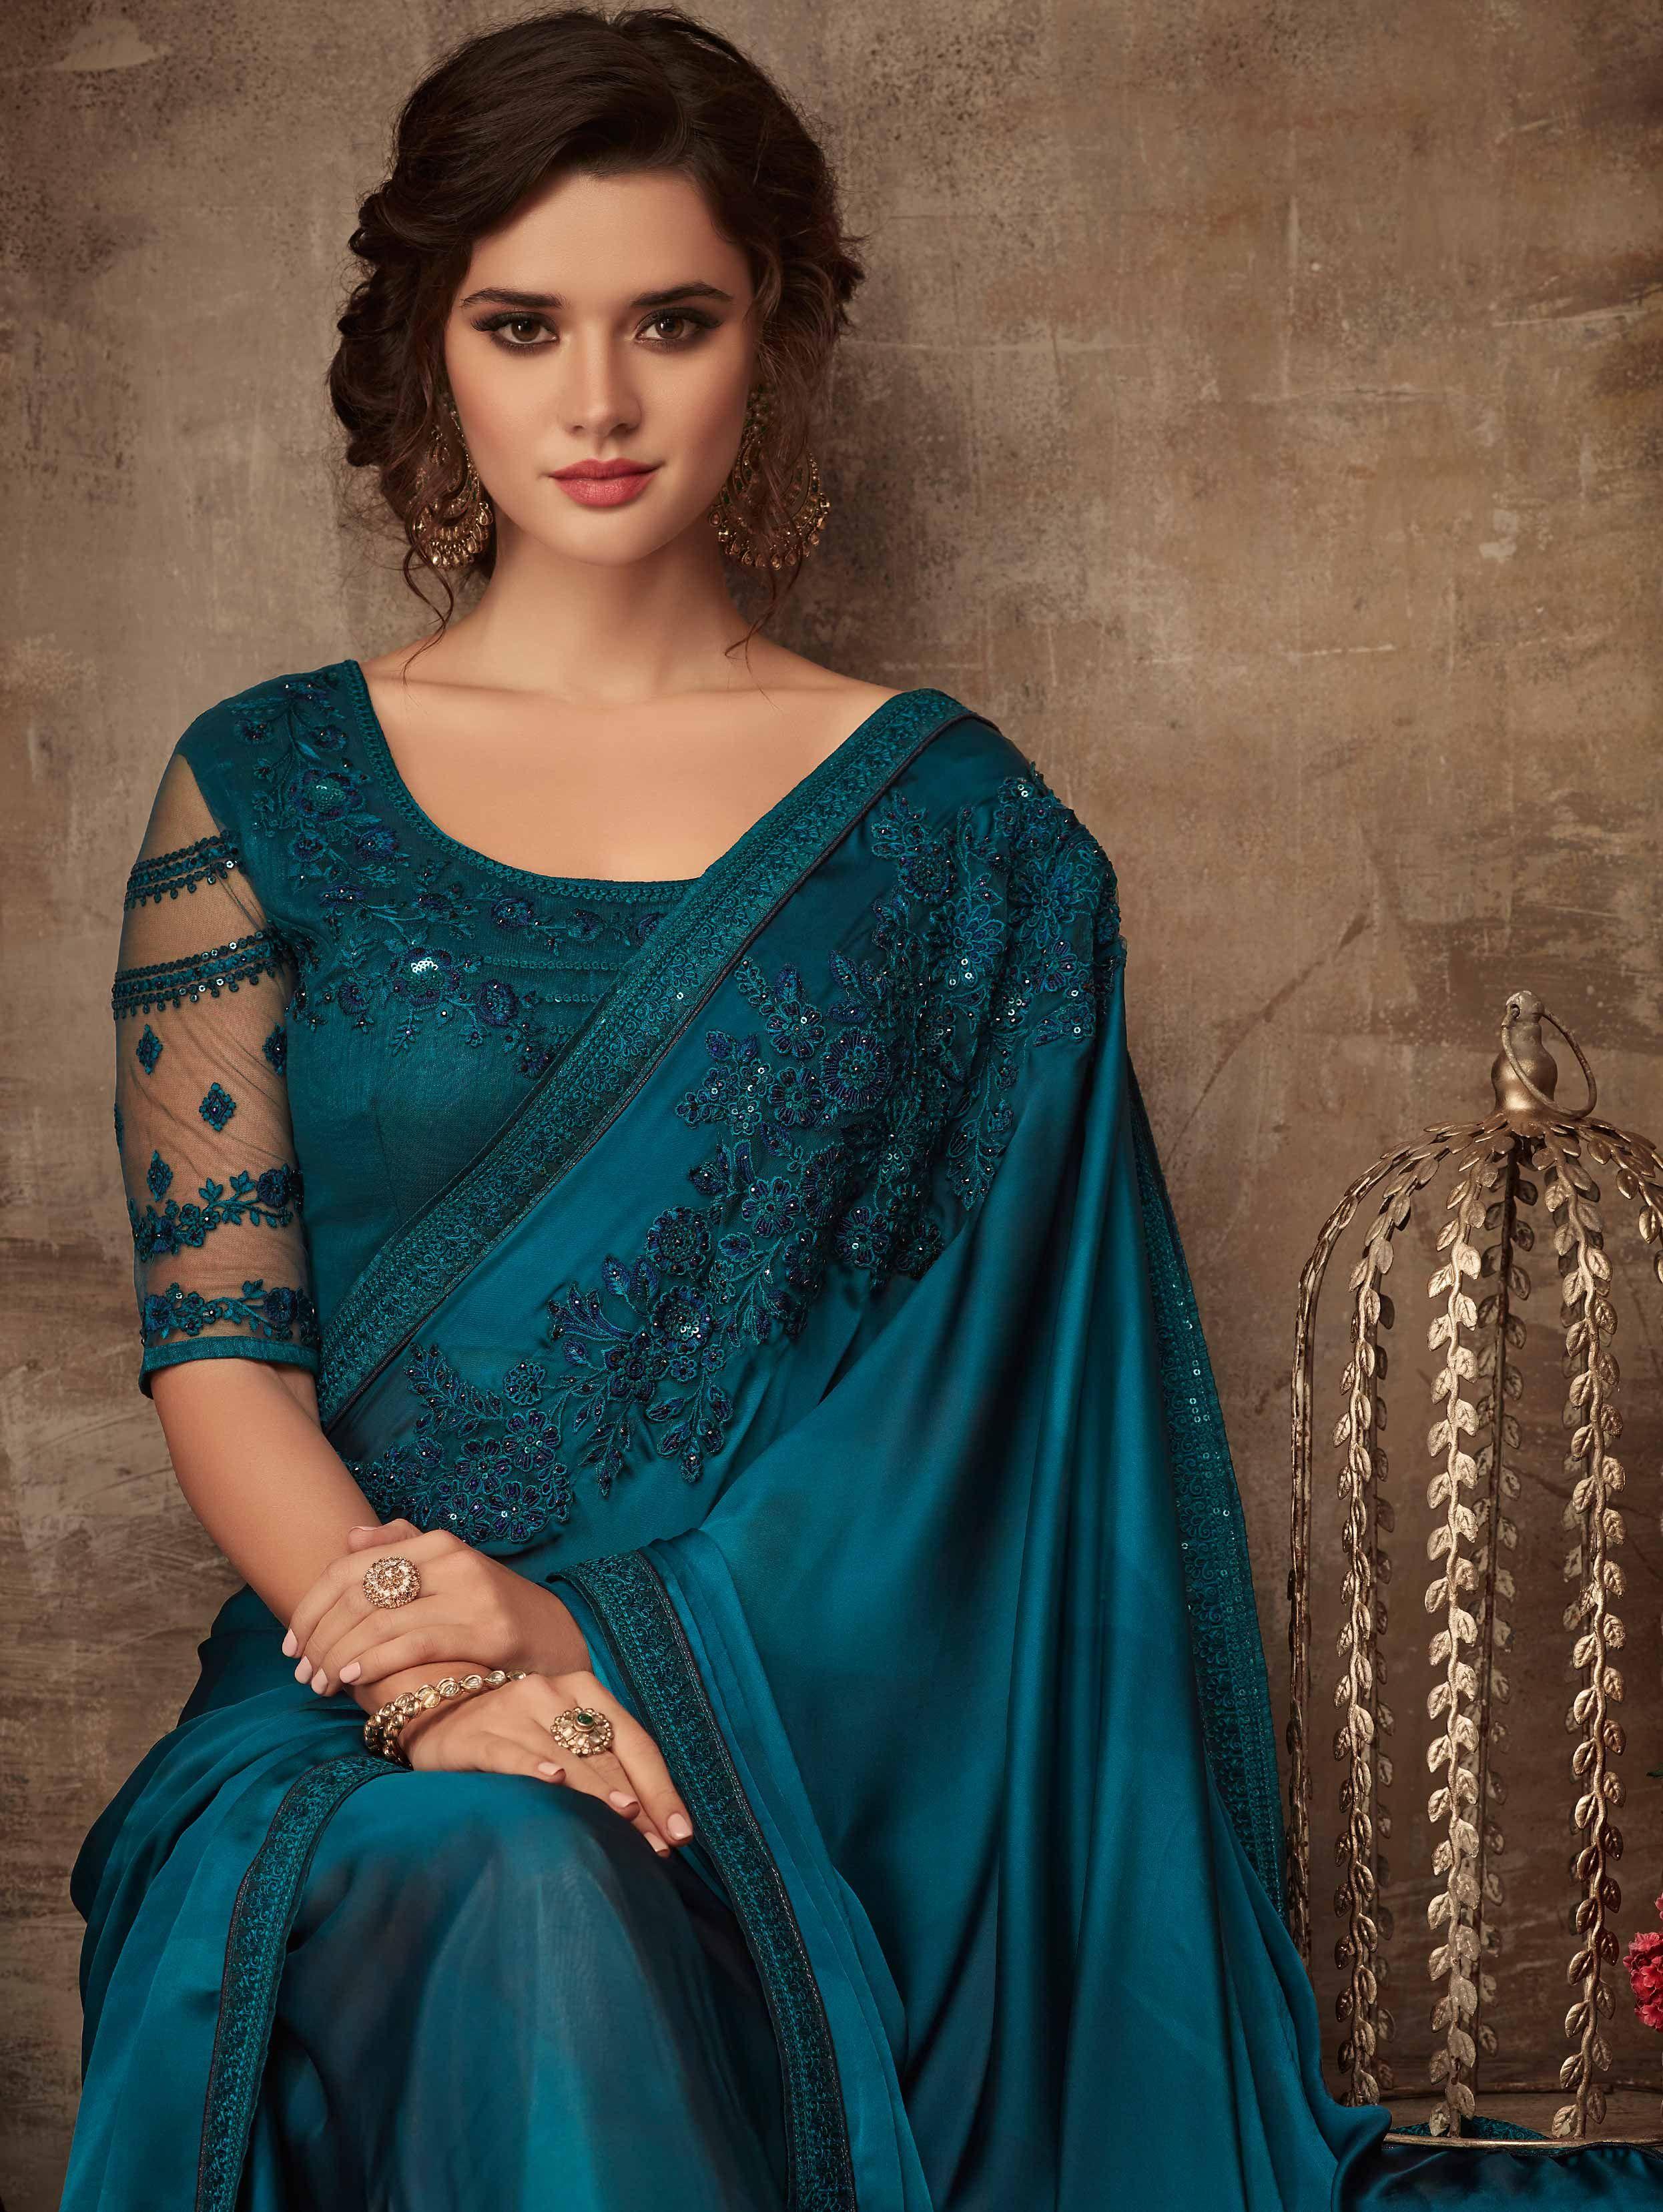 Dark Teal Blue Designer Silk Saree With Embroidered Border Silk Saree Blouse Designs Patterns Designer Silk Sarees Stylish Dress Designs